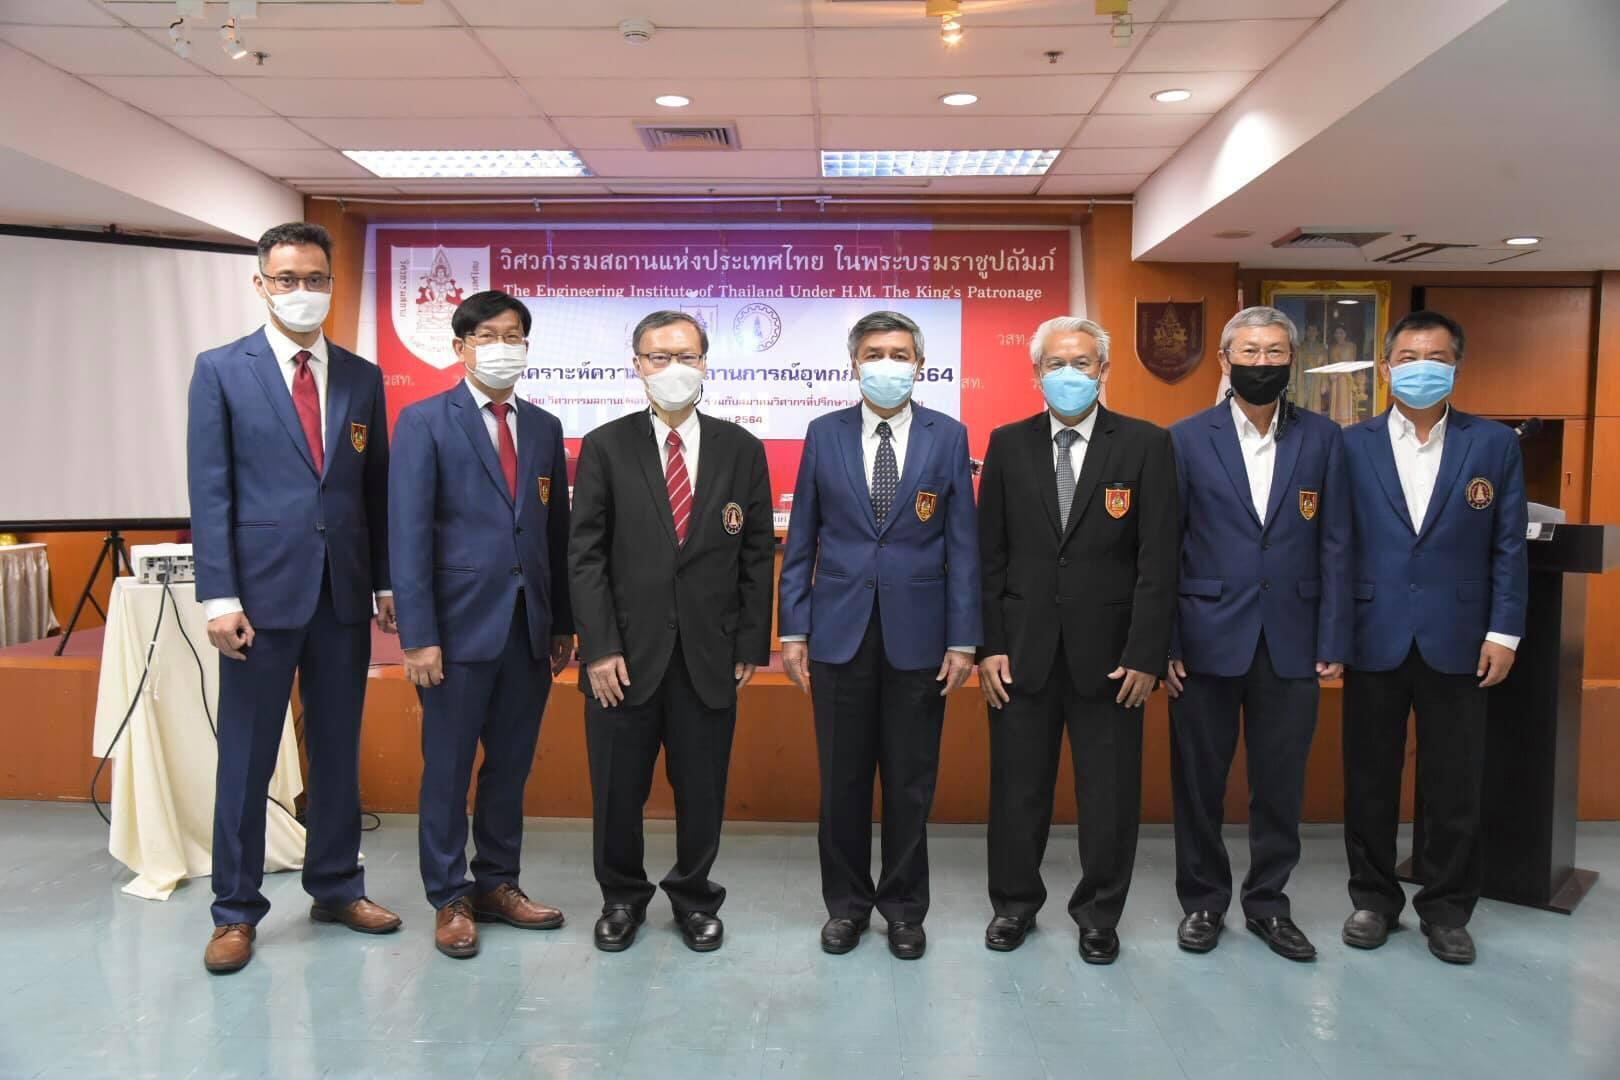 """(วสท.) ร่วมกับสมาคมวิศวกรที่ปรึกษาแห่งประเทศไทย จัดแถลงข่าวเรื่อง """"การวิเคราะห์ความเสี่ยงสถานการณ์อุทกภัย ปี 2564"""" โดยเชิญผู้เชี่ยวชาญทางด้านวิศวกรรมแหล่งน้ำ มาให้ข้อมูลด้านวิชาการ"""